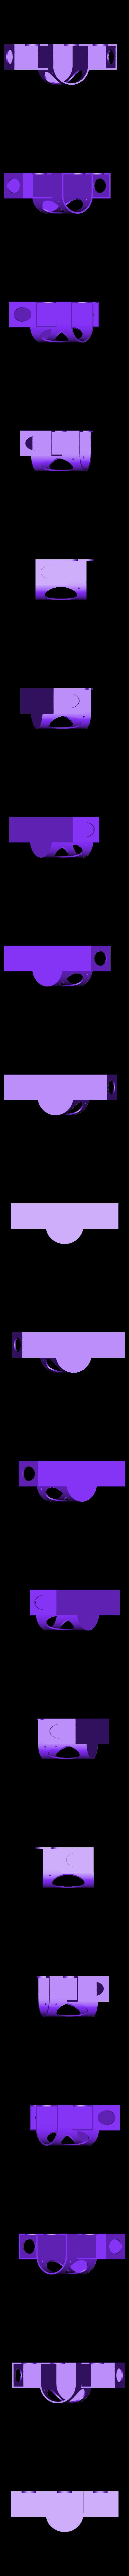 Mini_Kitchen_Storage.stl Télécharger fichier STL gratuit Rangement de la mini-cuisine • Modèle pour imprimante 3D, abojpc